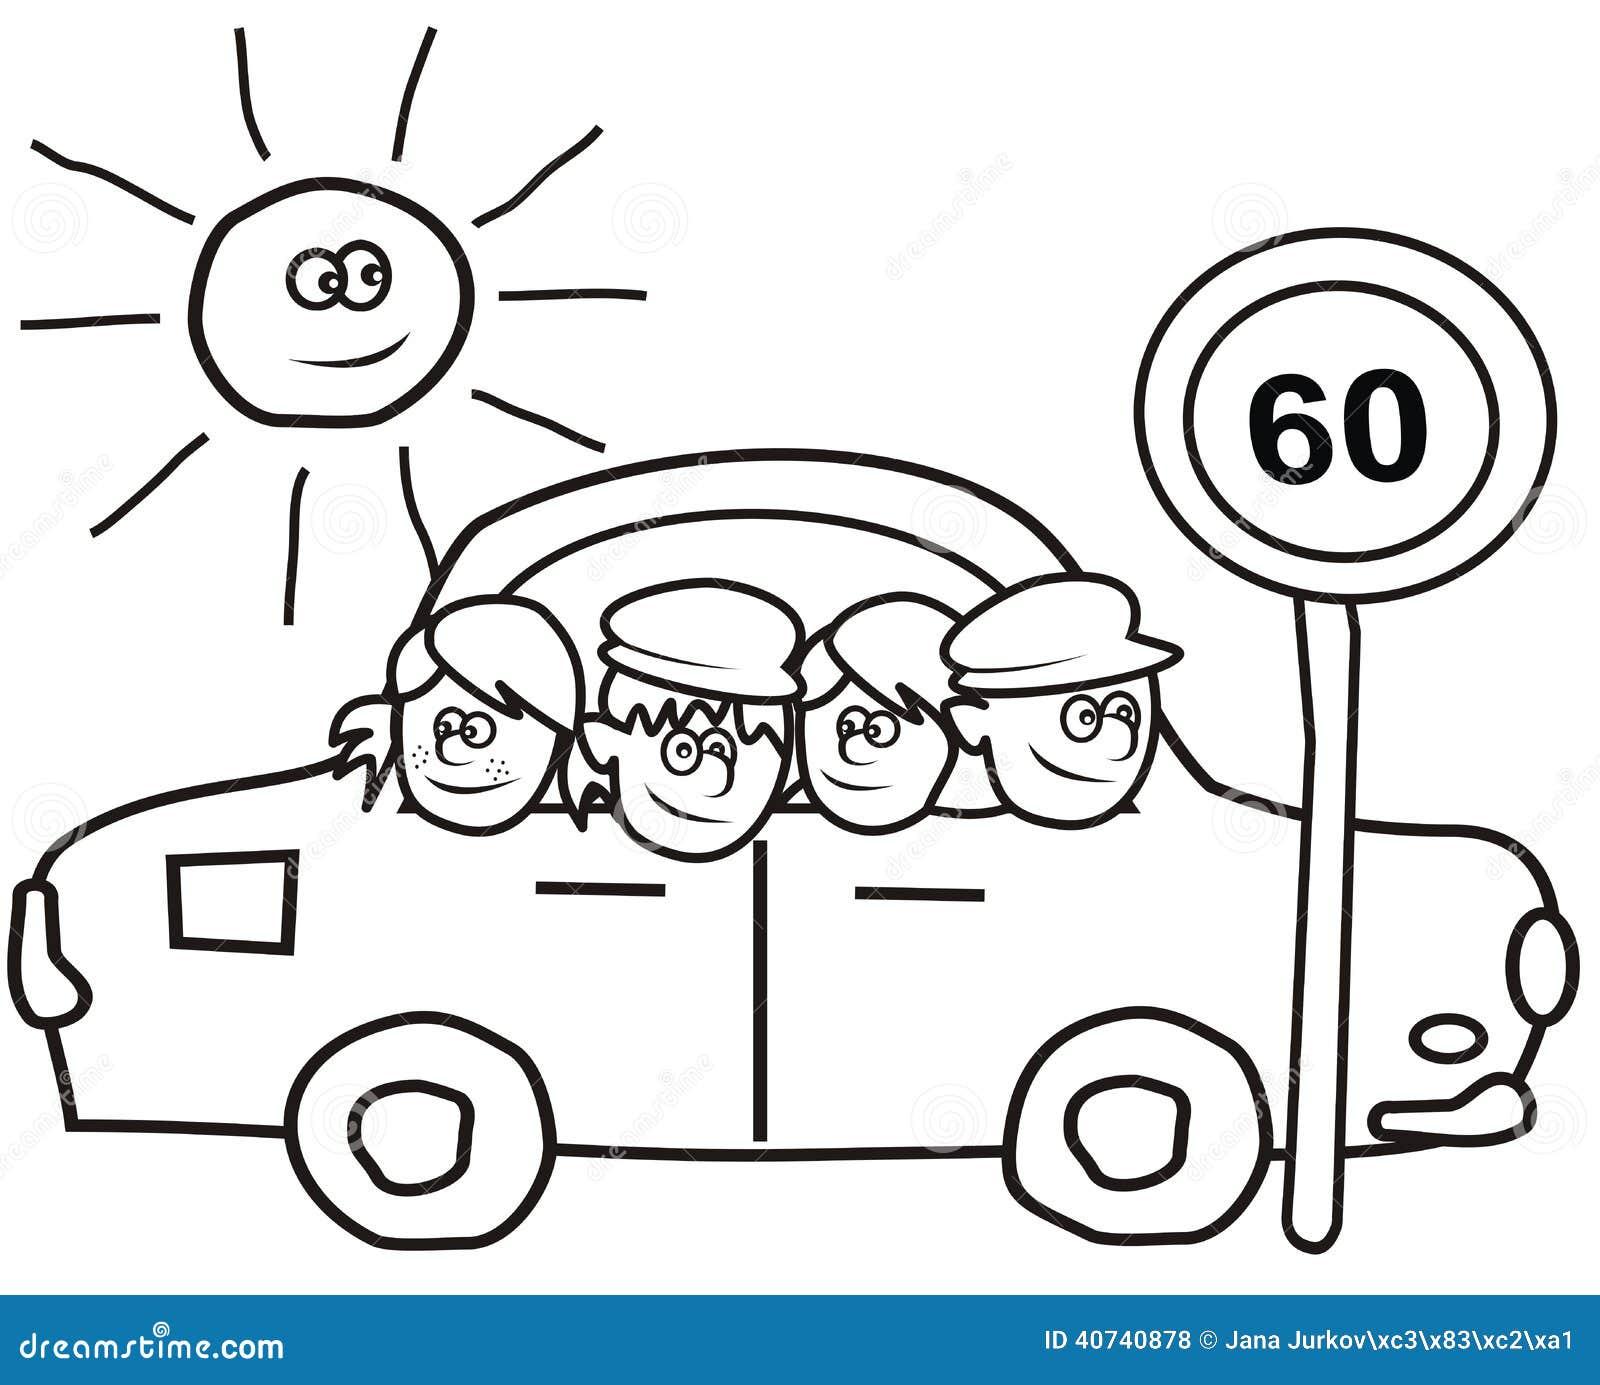 auto und kinder - malbuch vektor abbildung  illustration von auto